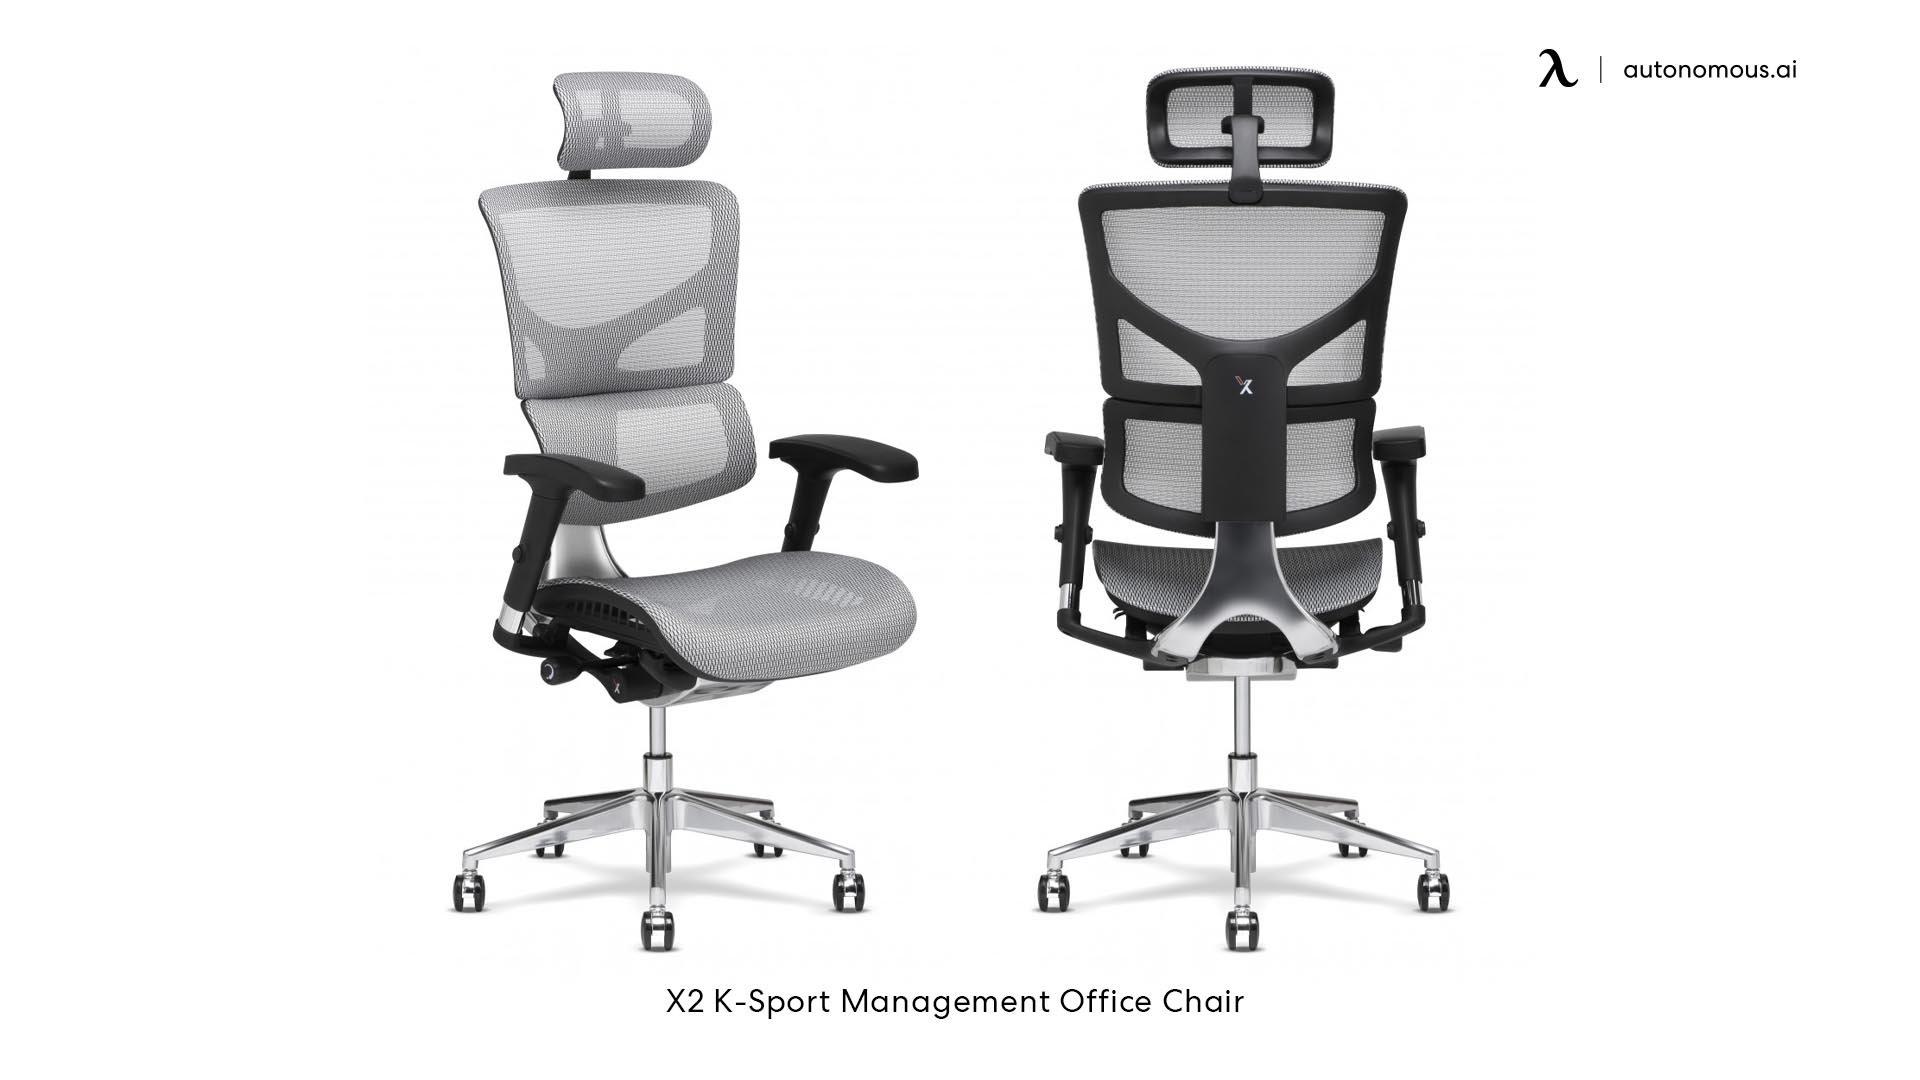 X2 K-Sport Management Office Chair